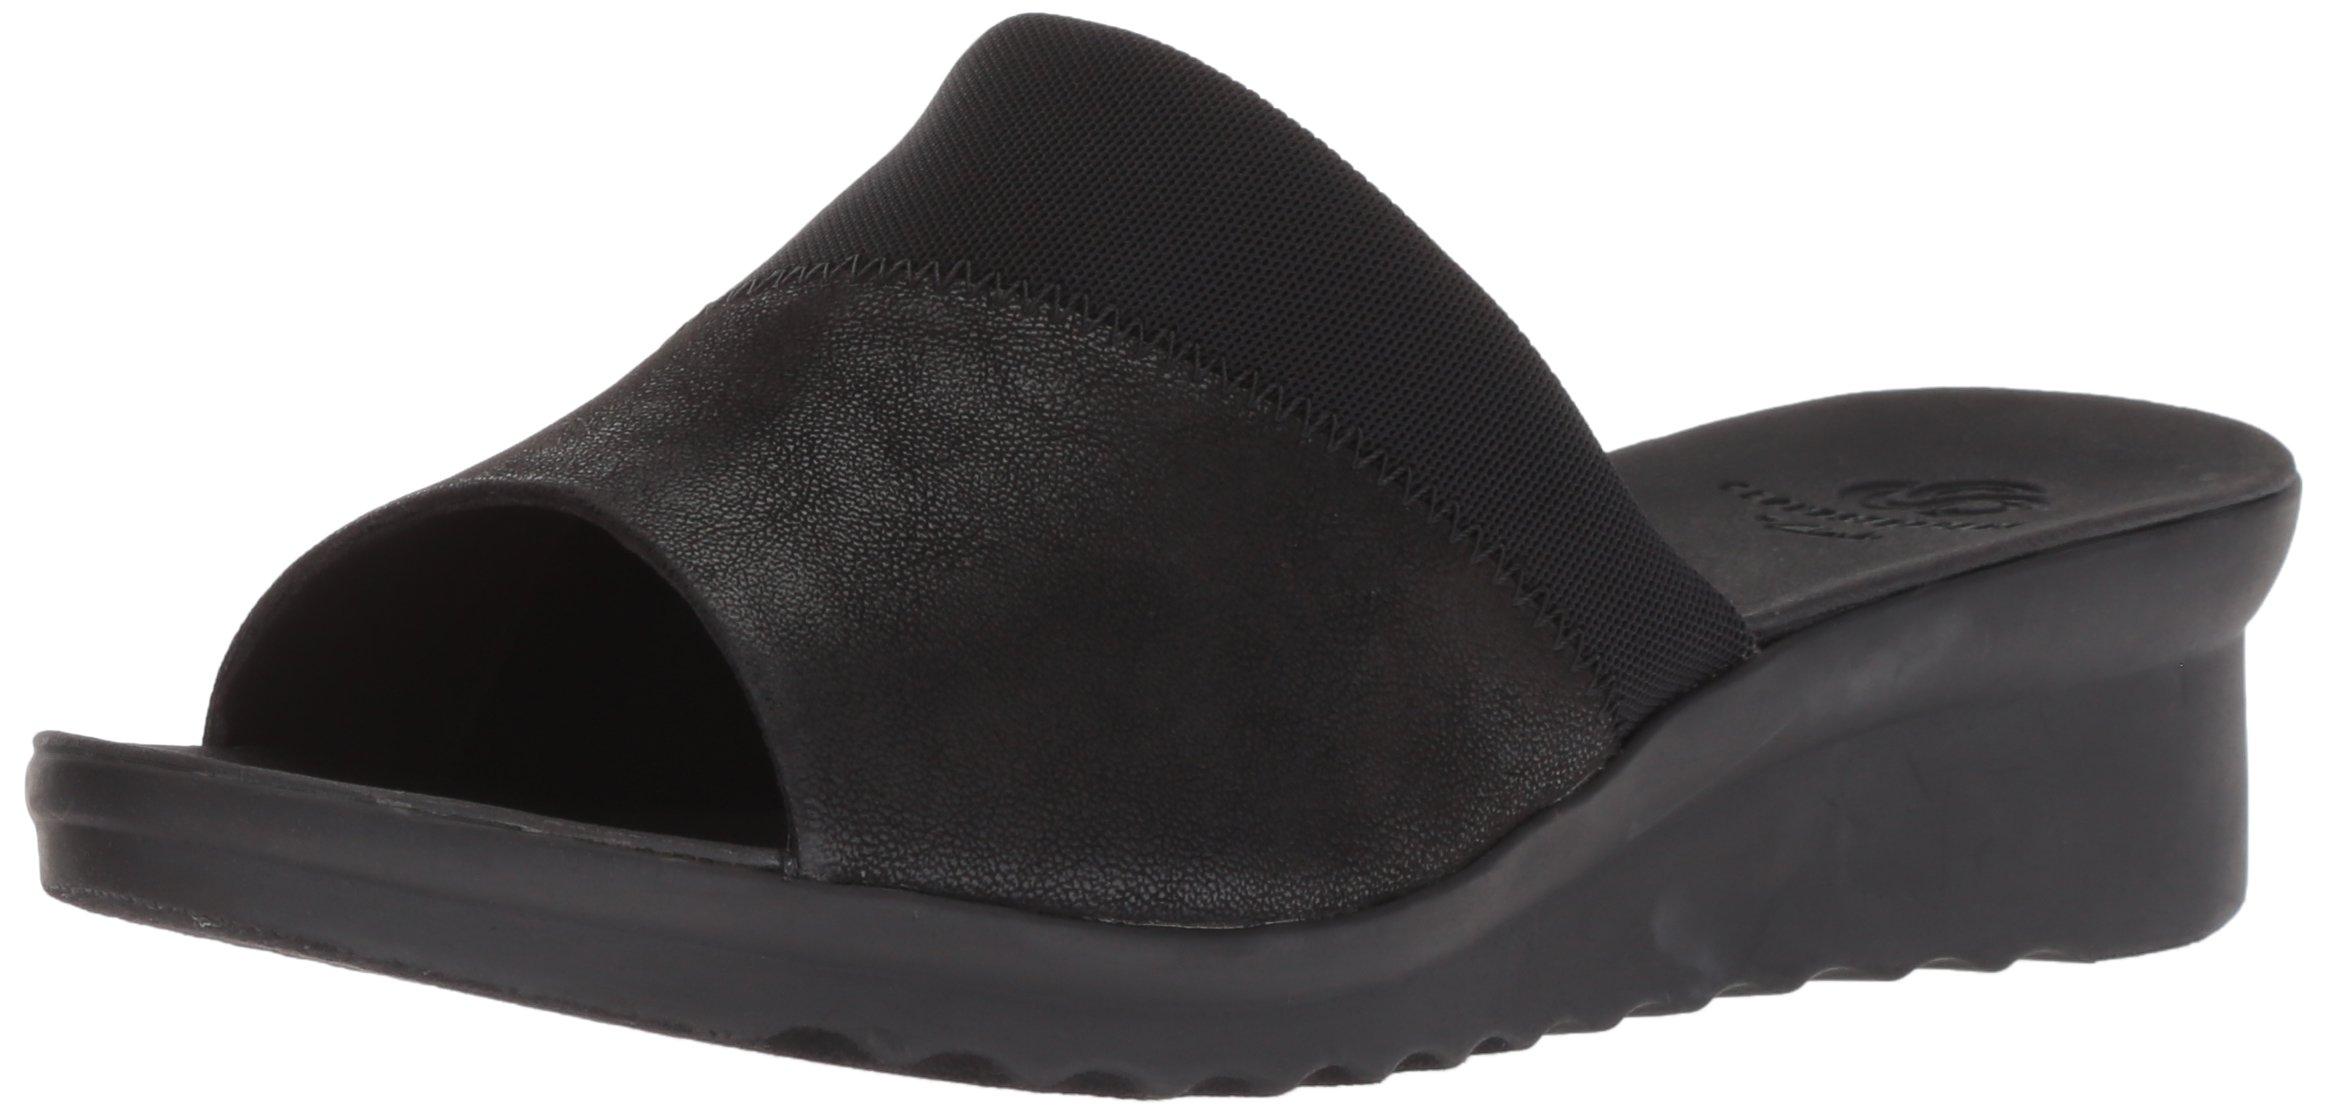 CLARKS Women's Caddell Ivy Slide Sandal, Black Synthetic, 8 W US